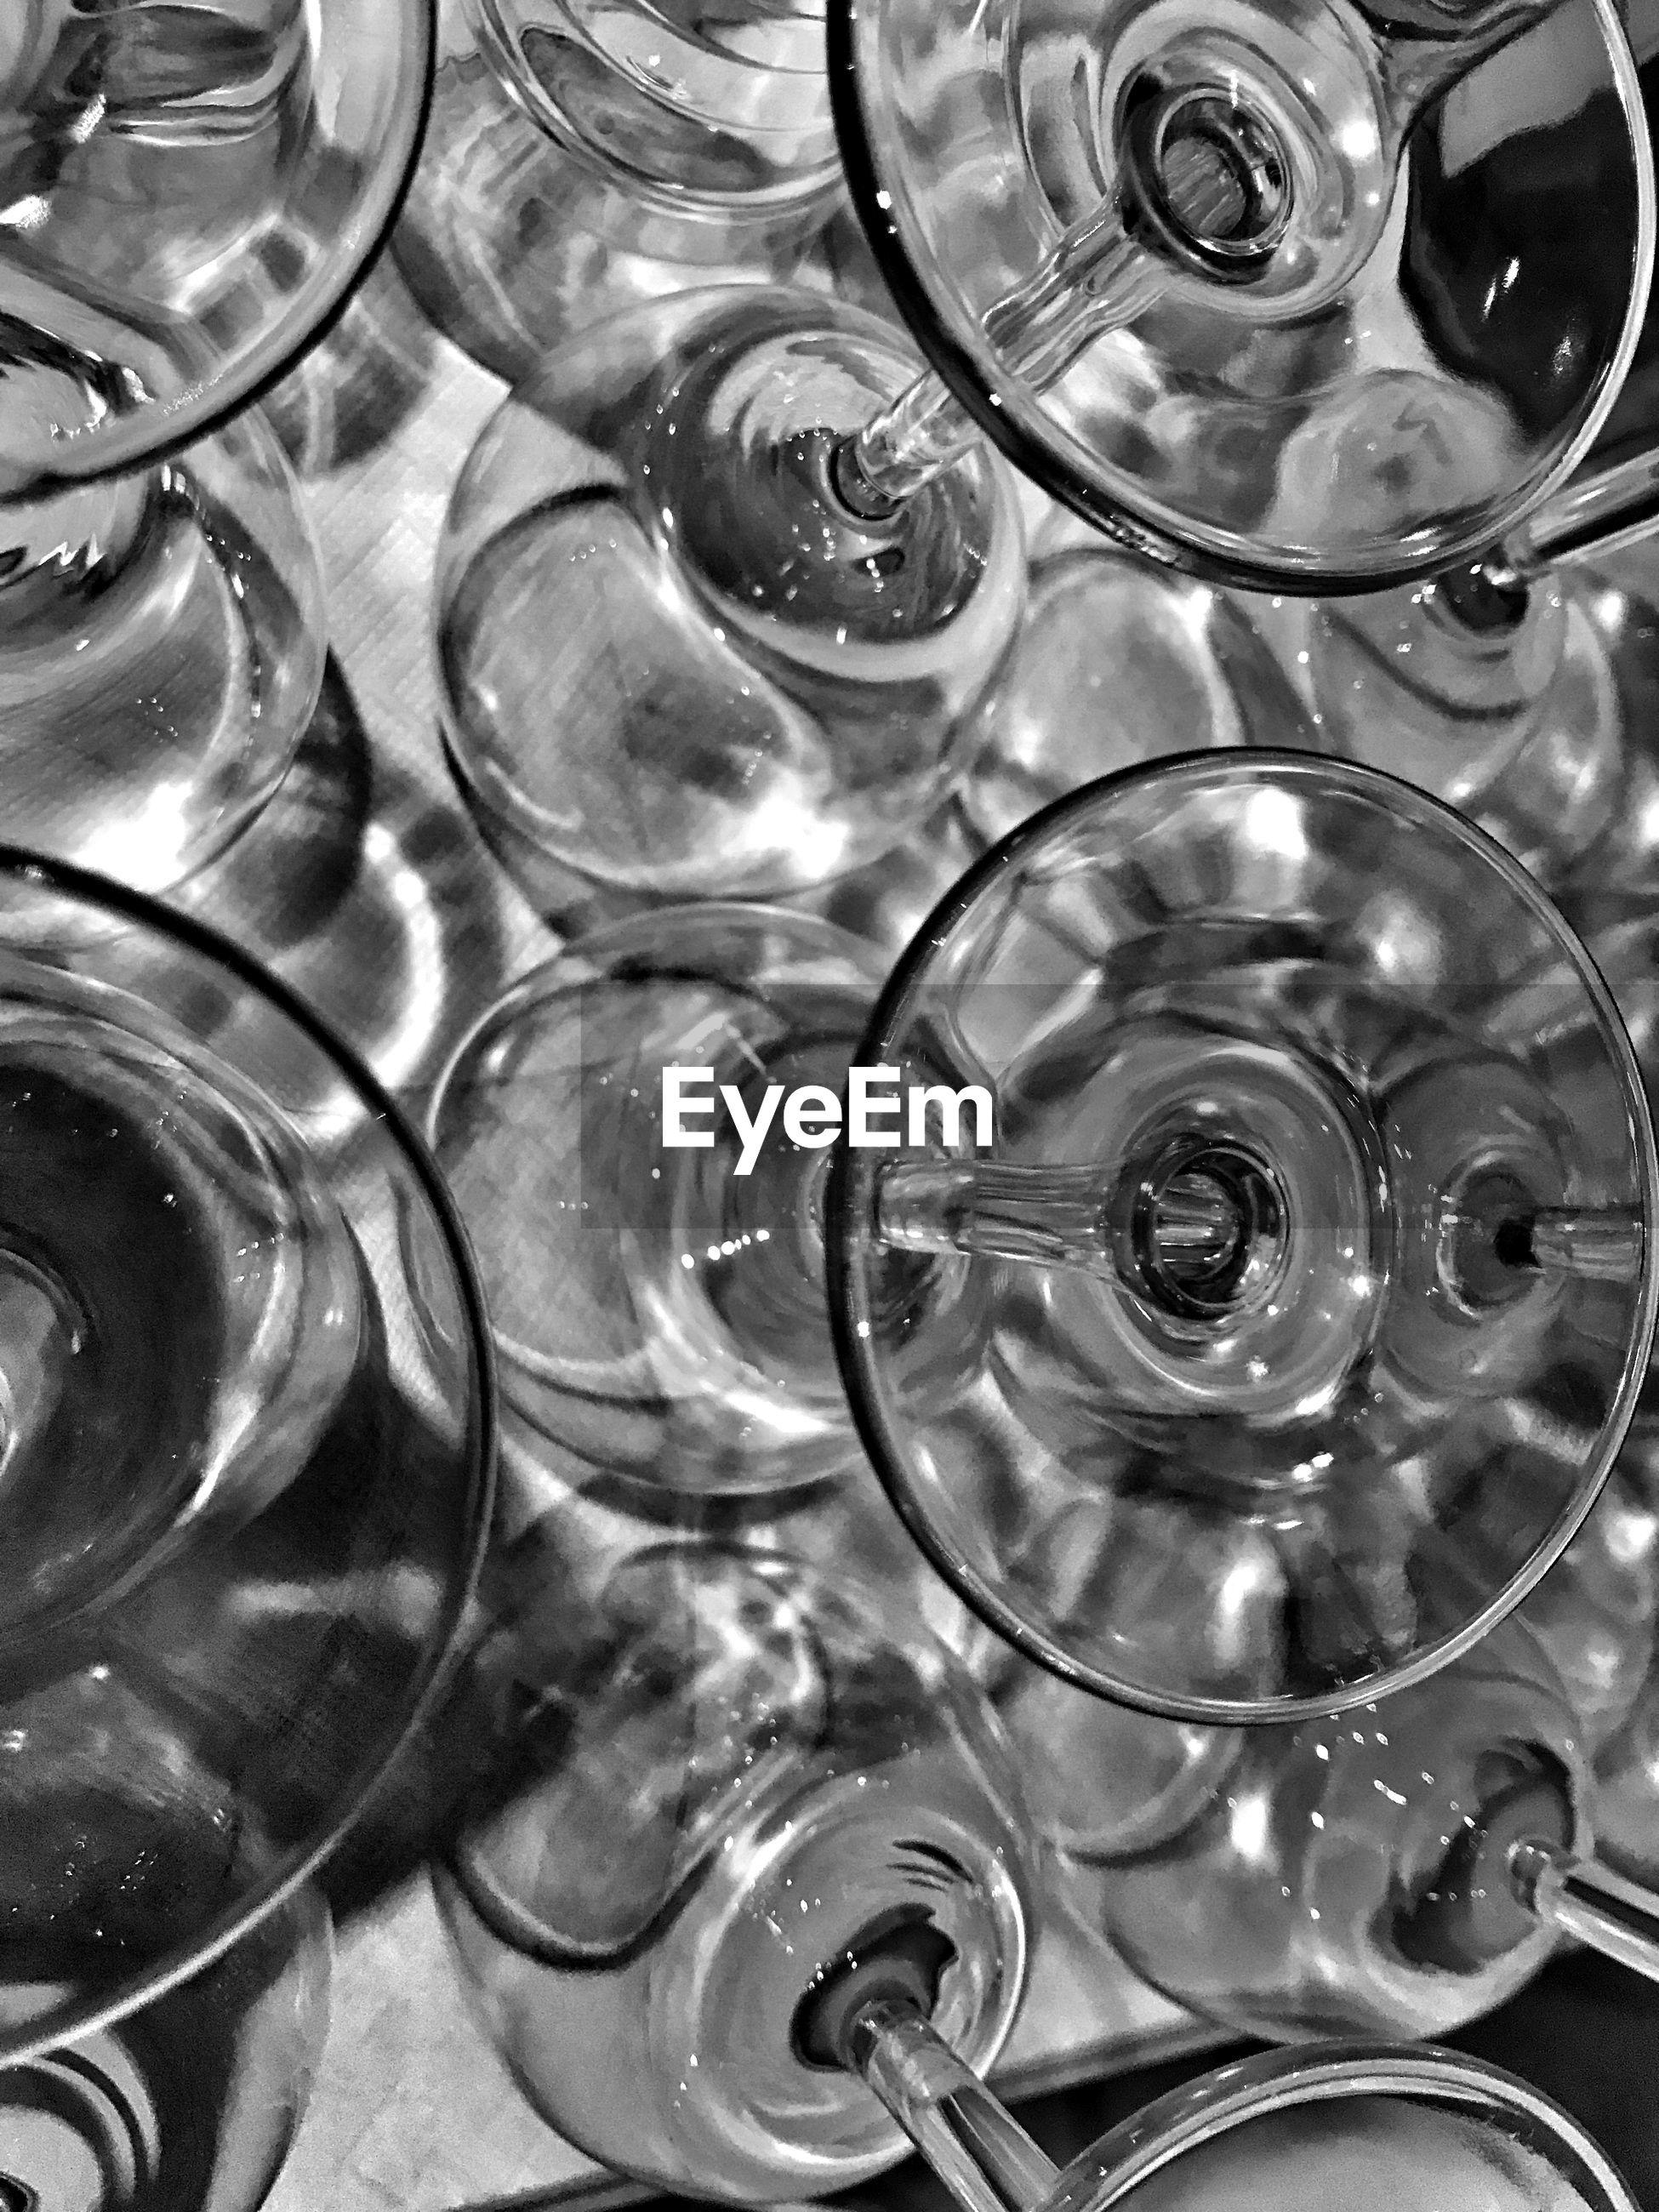 FULL FRAME SHOT OF EMPTY GLASS